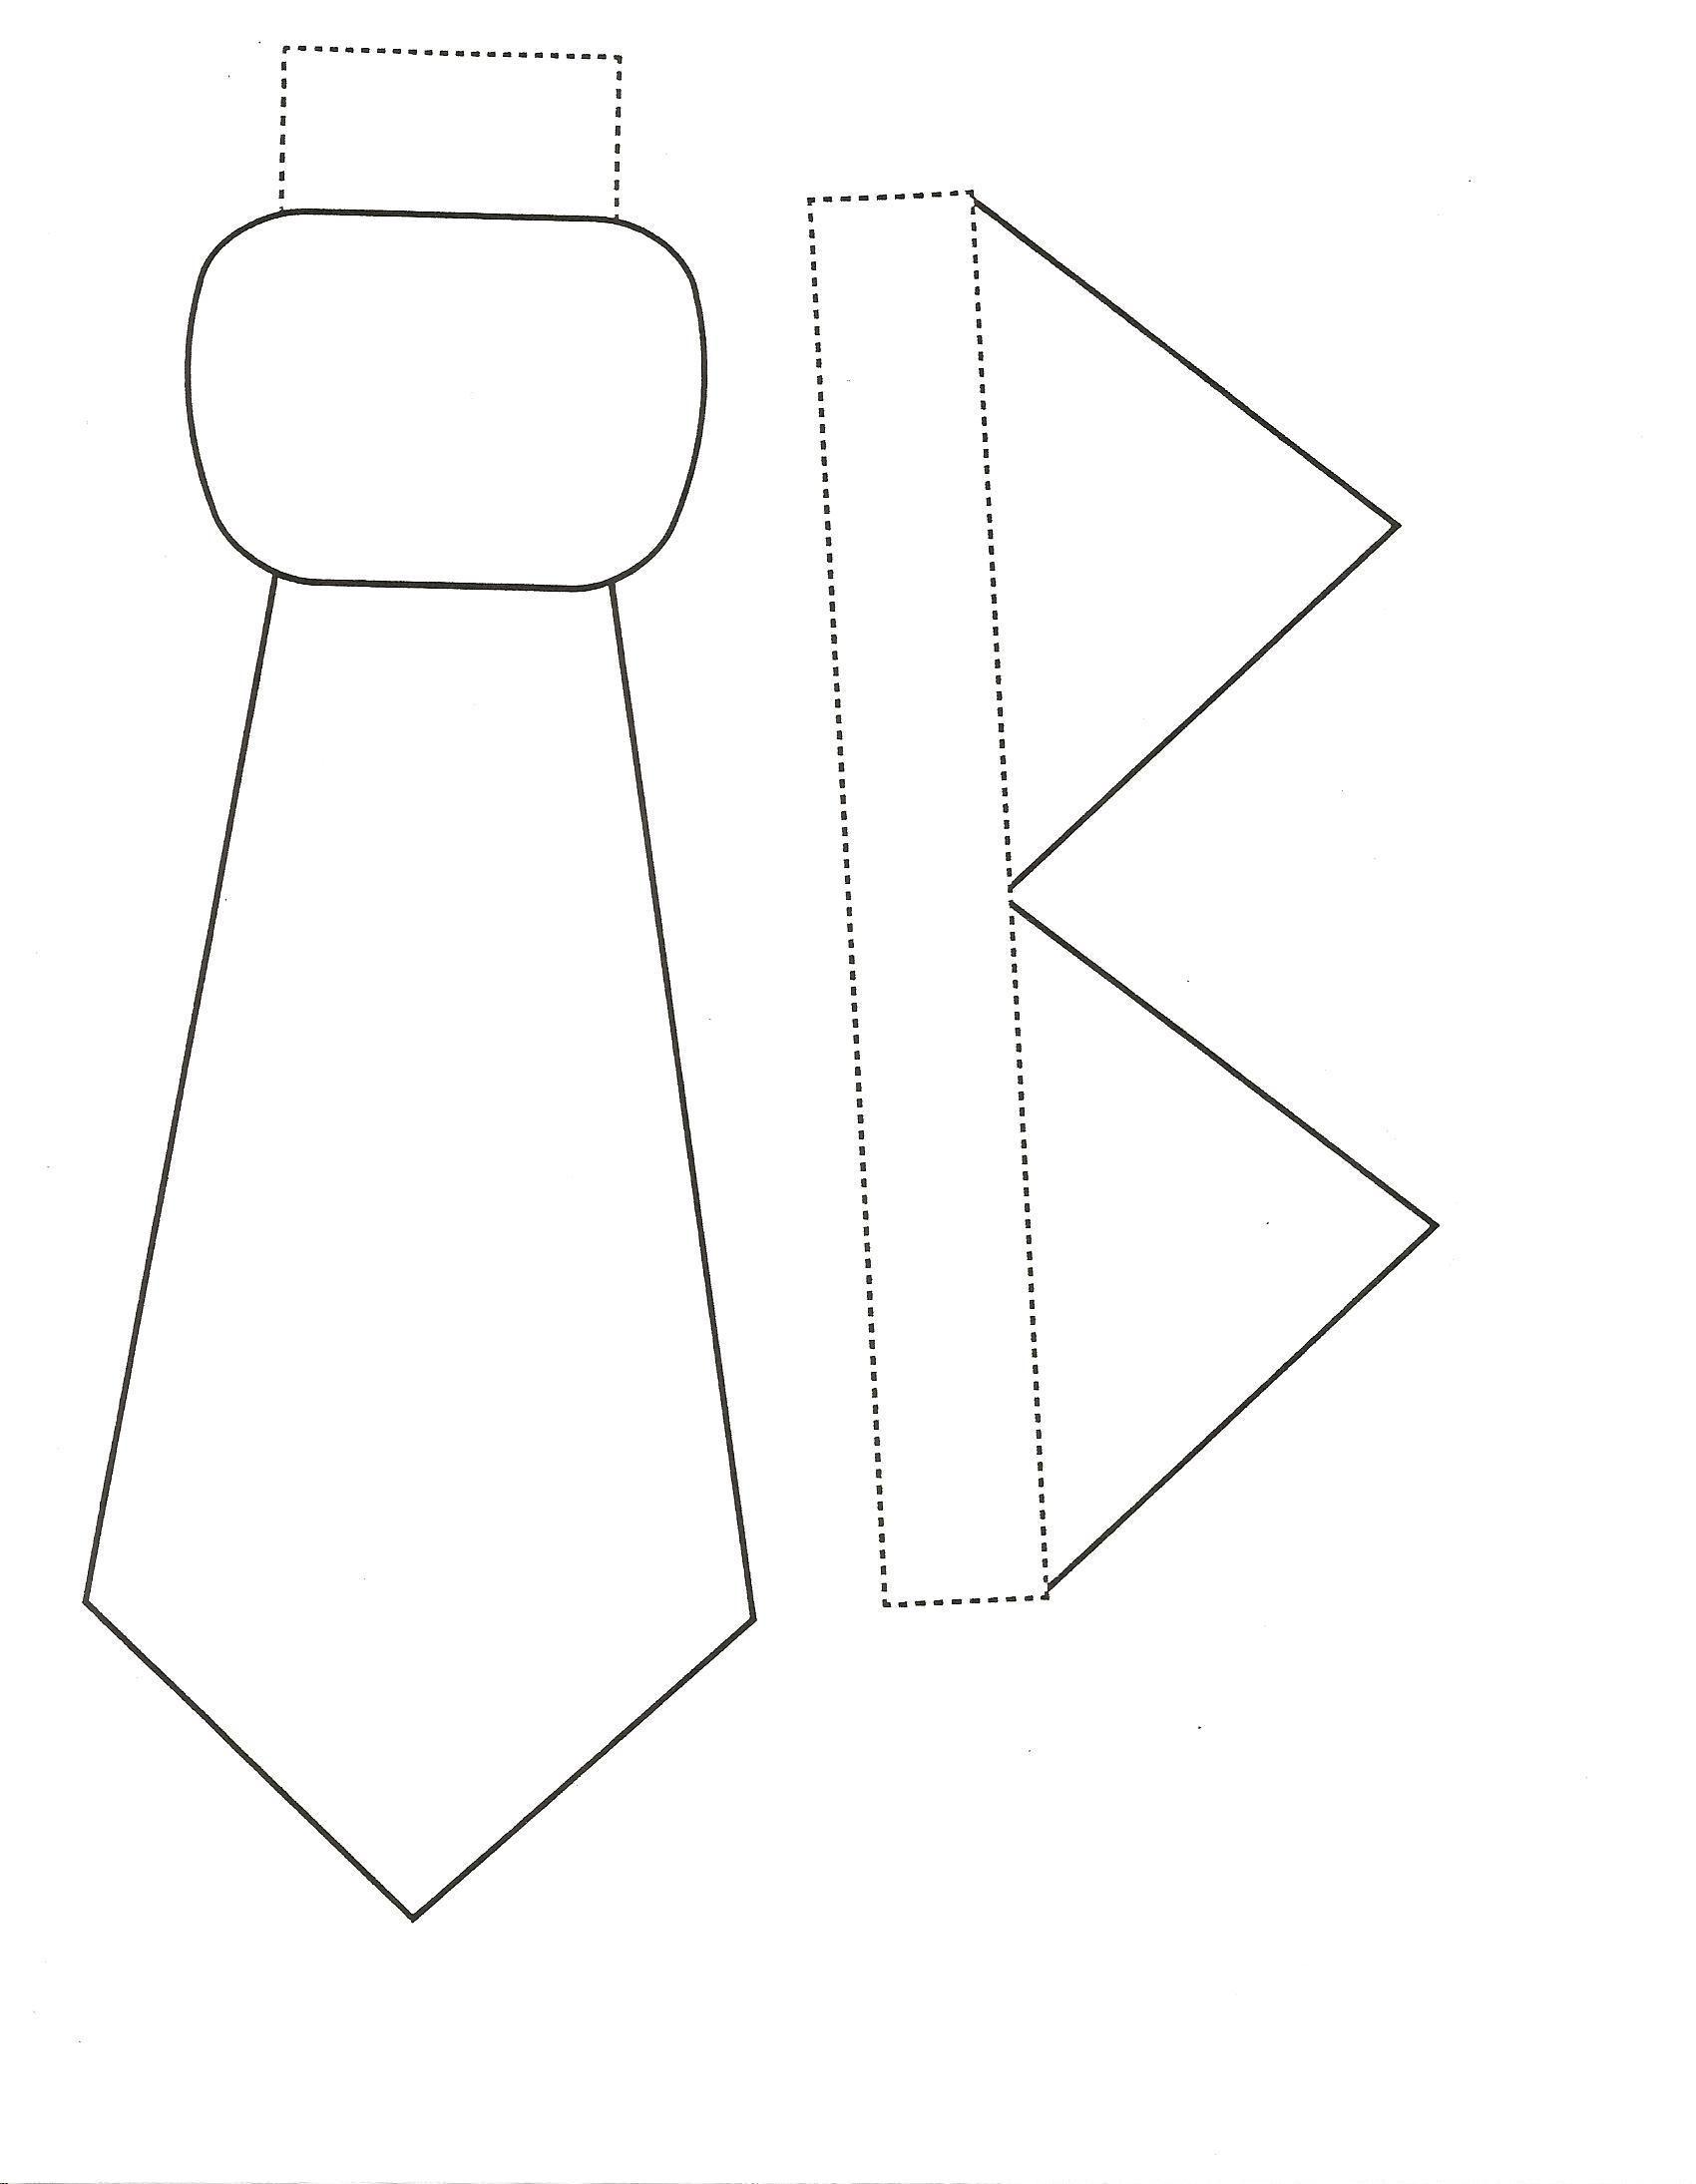 Галстук из бумаги для открытки